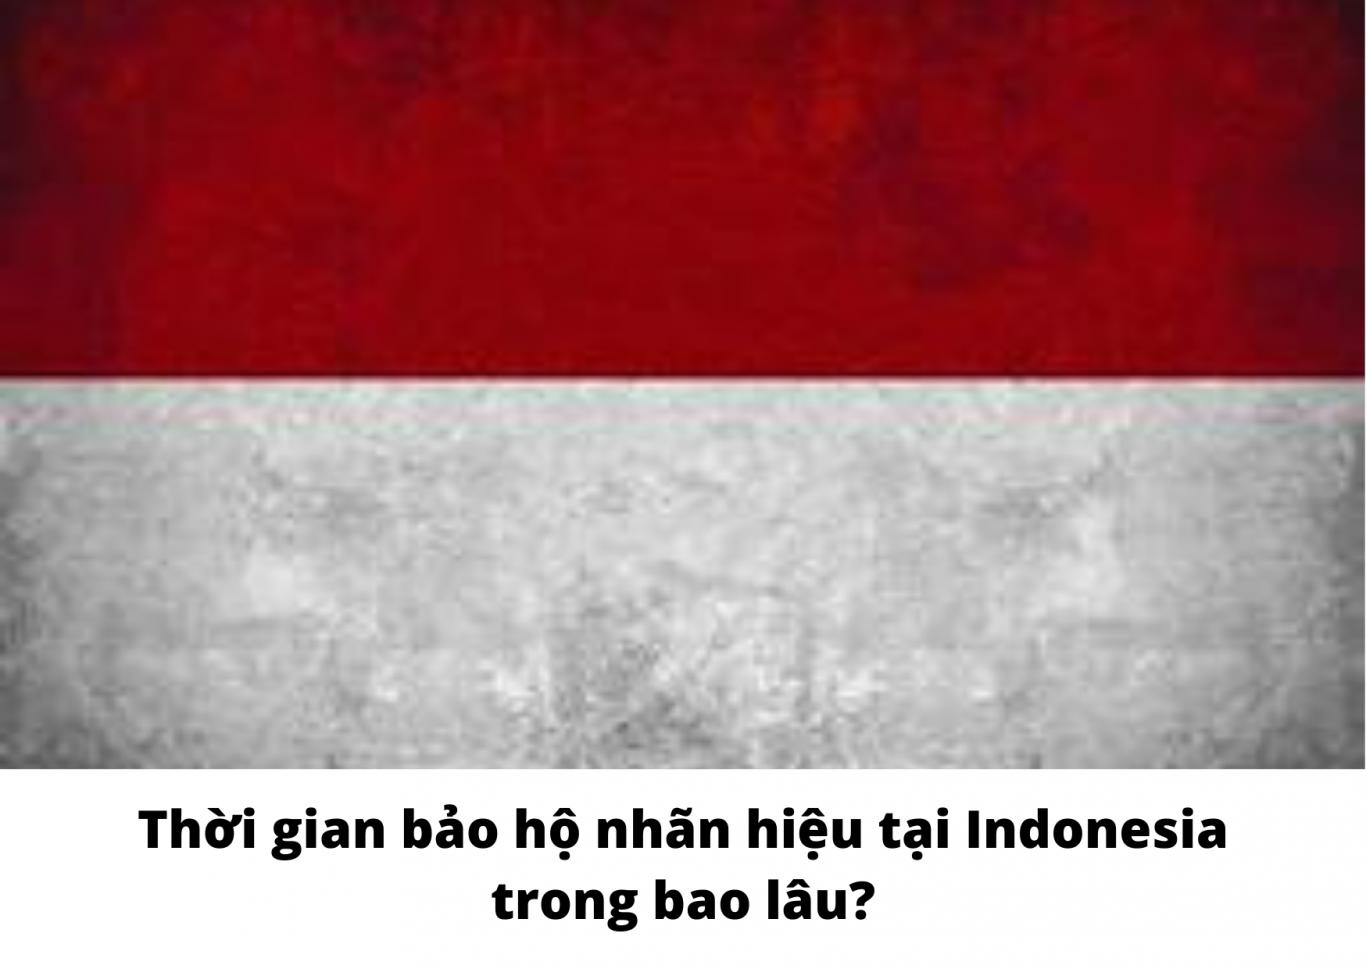 Thời gian bảo hộ nhãn hiệu tại Indonesia trong bao lâu?, Thời gian bảo hộ nhãn hiệu tại Indonesia, Hiệu lực của nhãn hiệu đã đăng ký tại Indonesia, Thời gian đăng ký nhãn hiệu tại Indonesia, hiệu lực của nhãn hiệu tại Indonesia